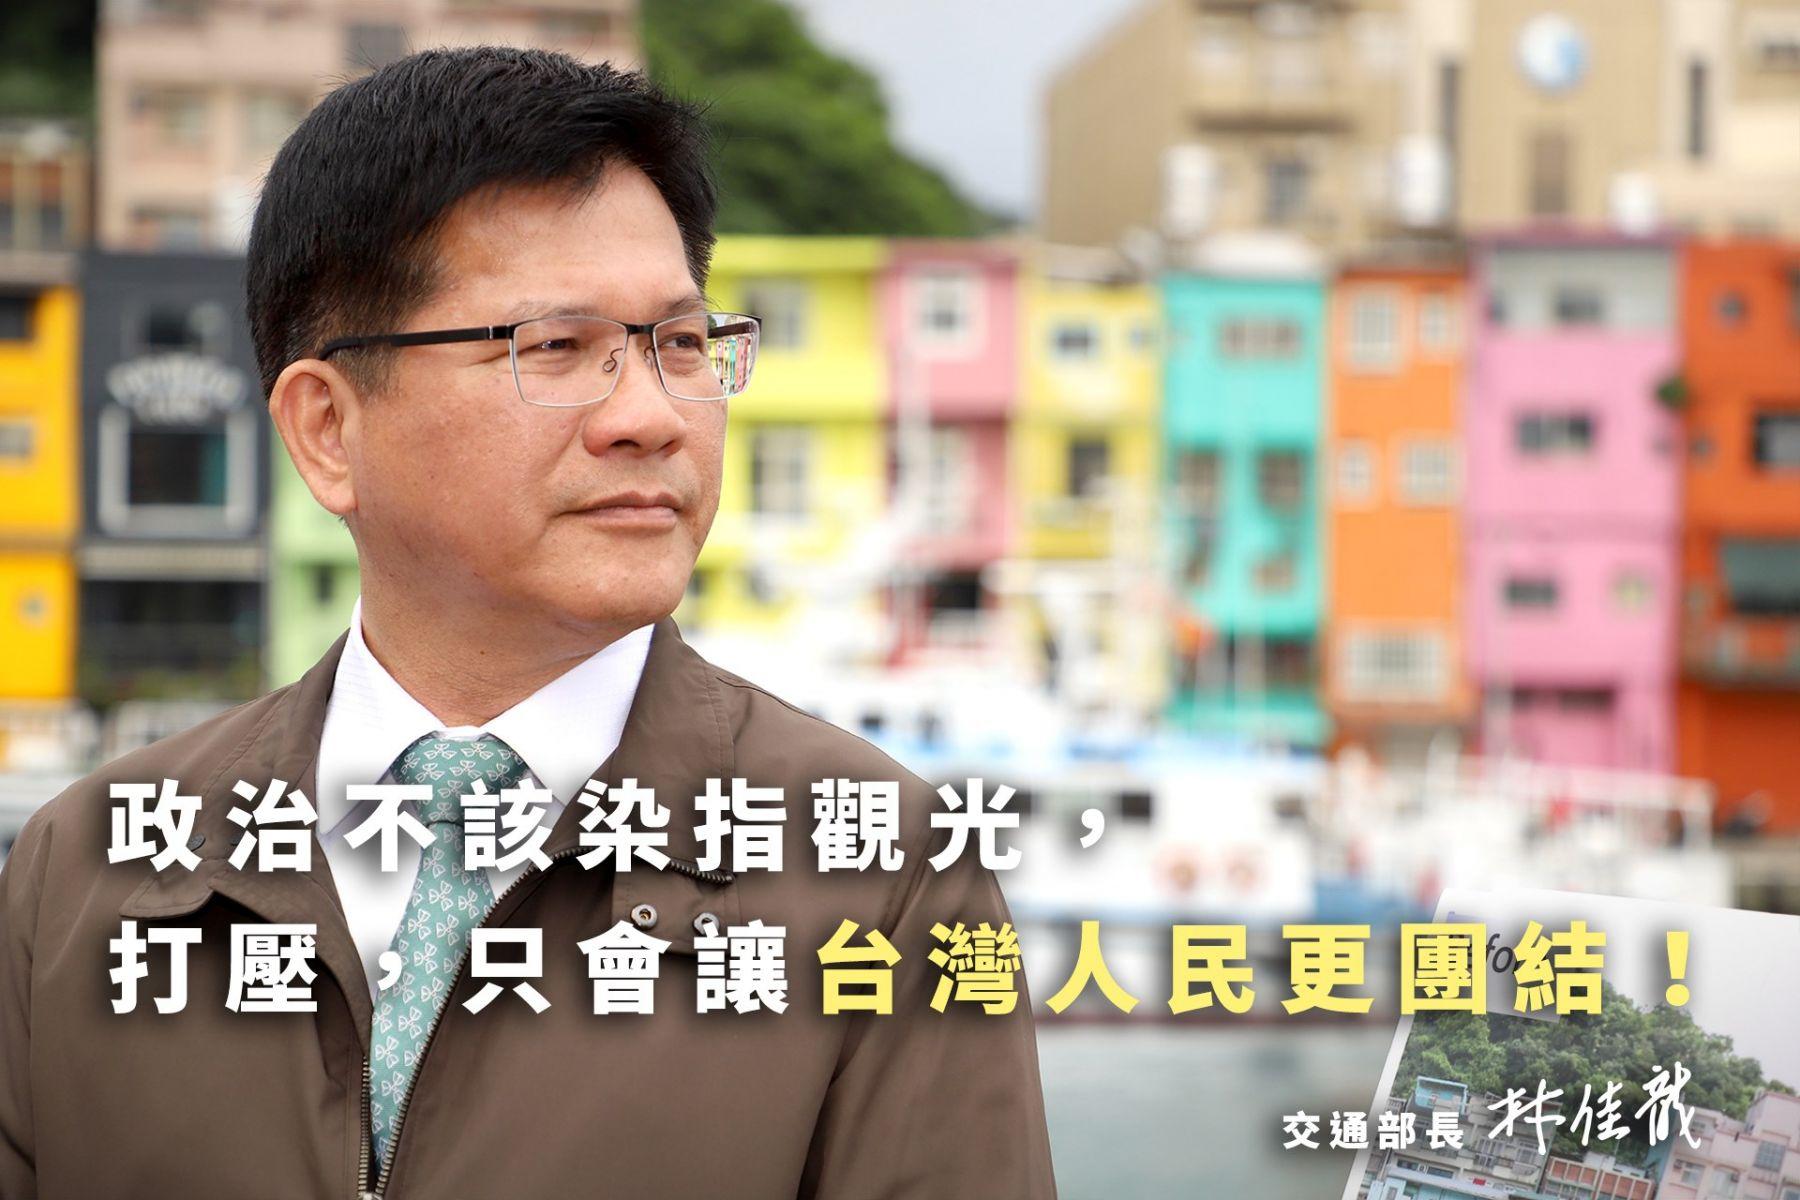 「面對打壓,我們不會束手就擒」 反擊中國禁自由行 林佳龍宣布砸36億推秋冬遊